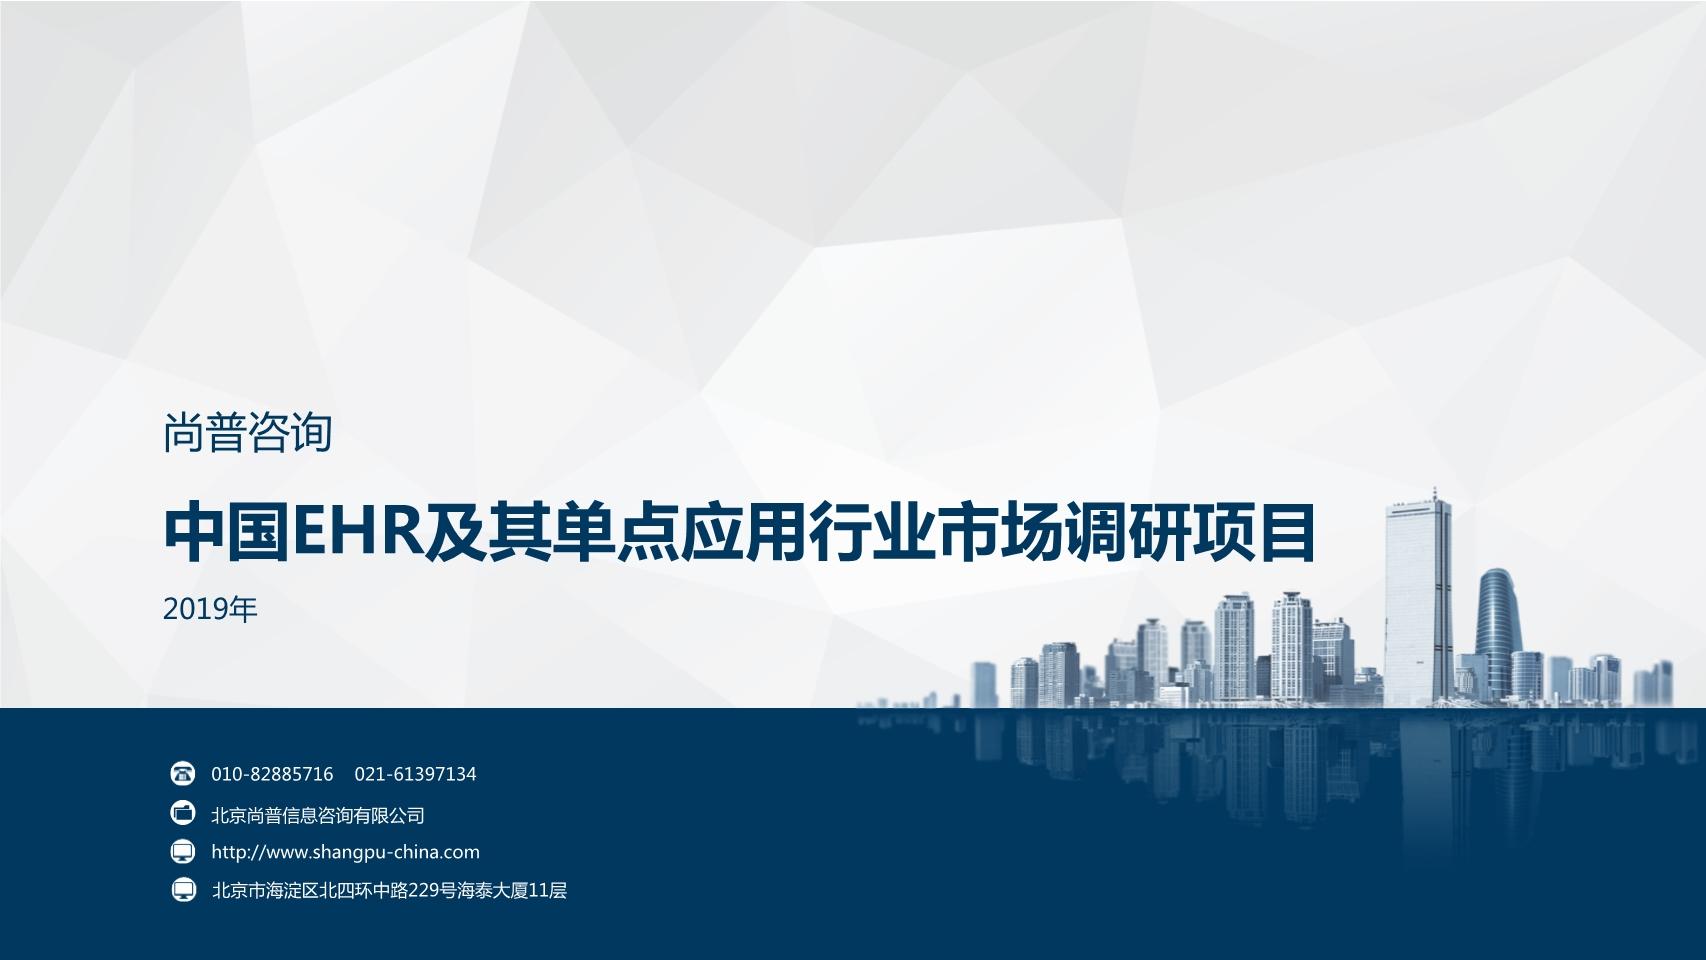 尚普咨询-中国EHR及其单点应用行业市场调研